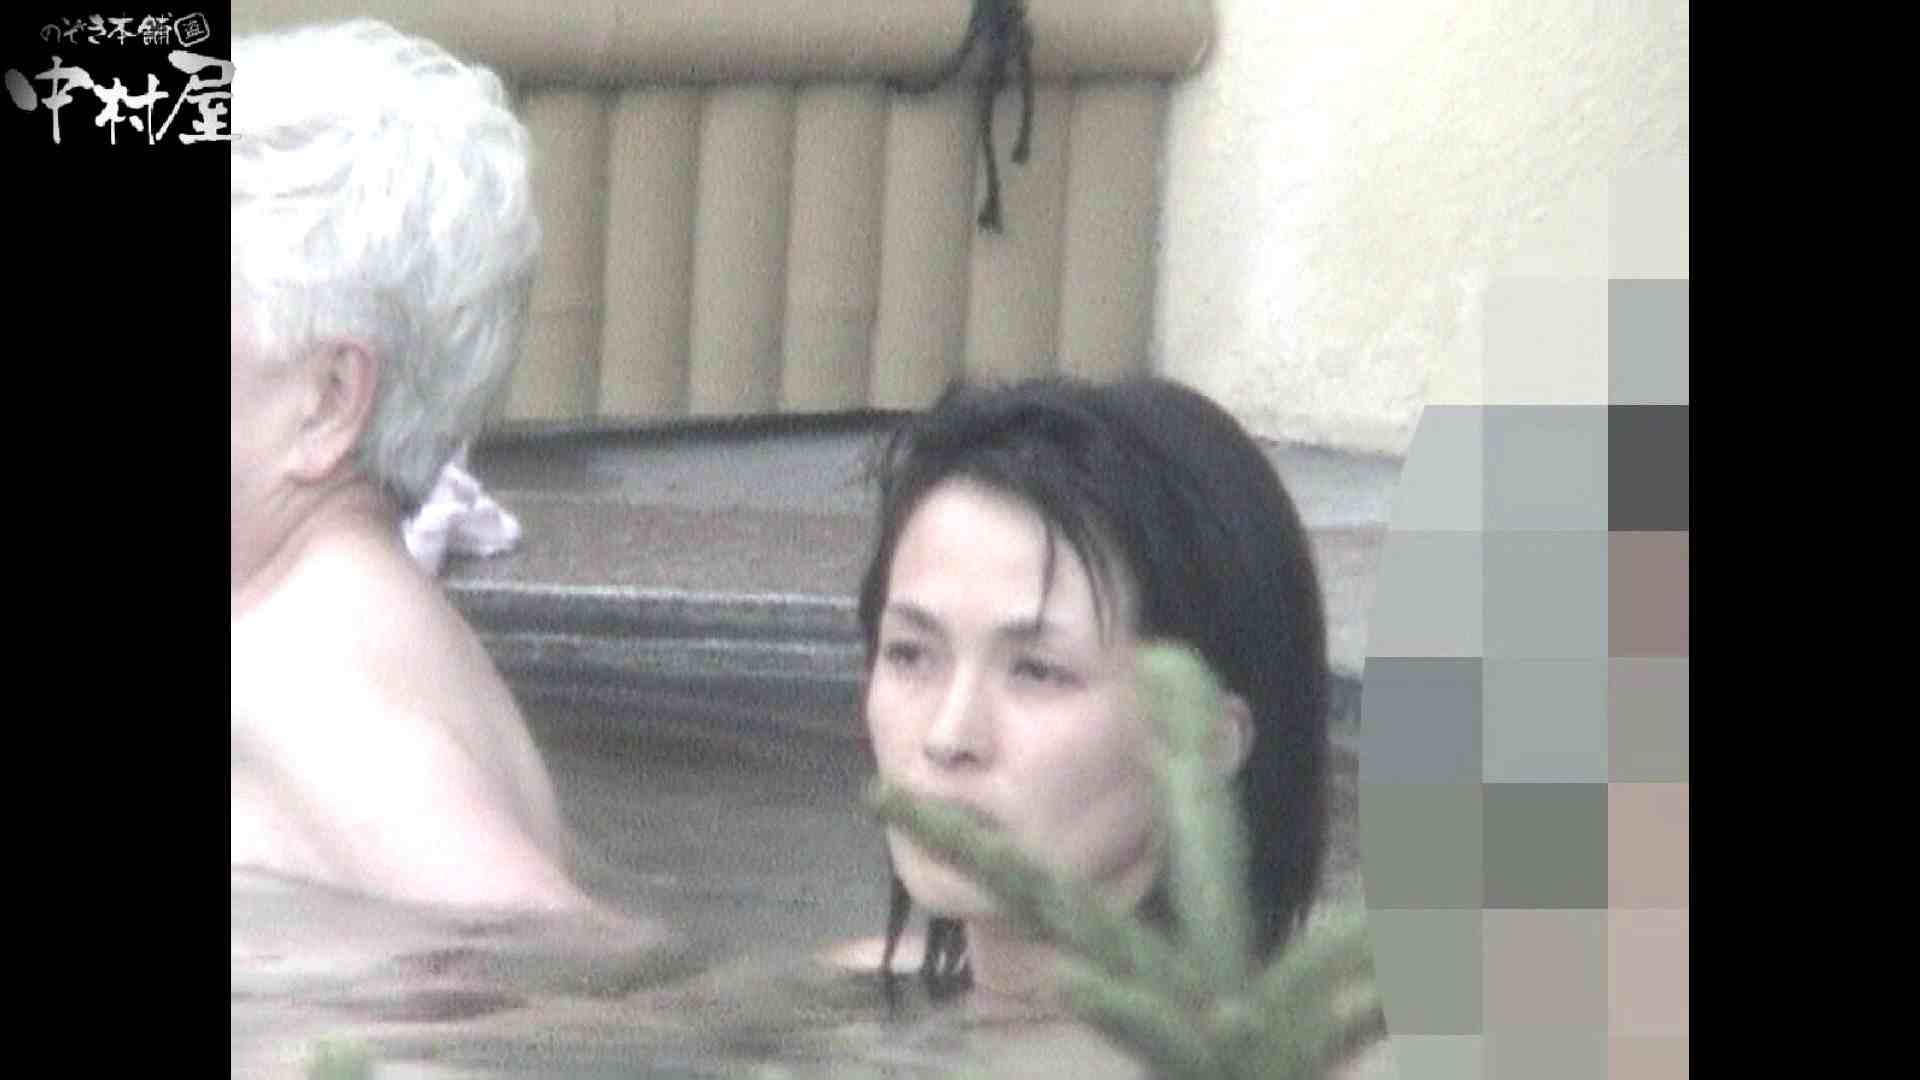 Aquaな露天風呂Vol.933 OLのエロ生活 ワレメ無修正動画無料 74連発 11